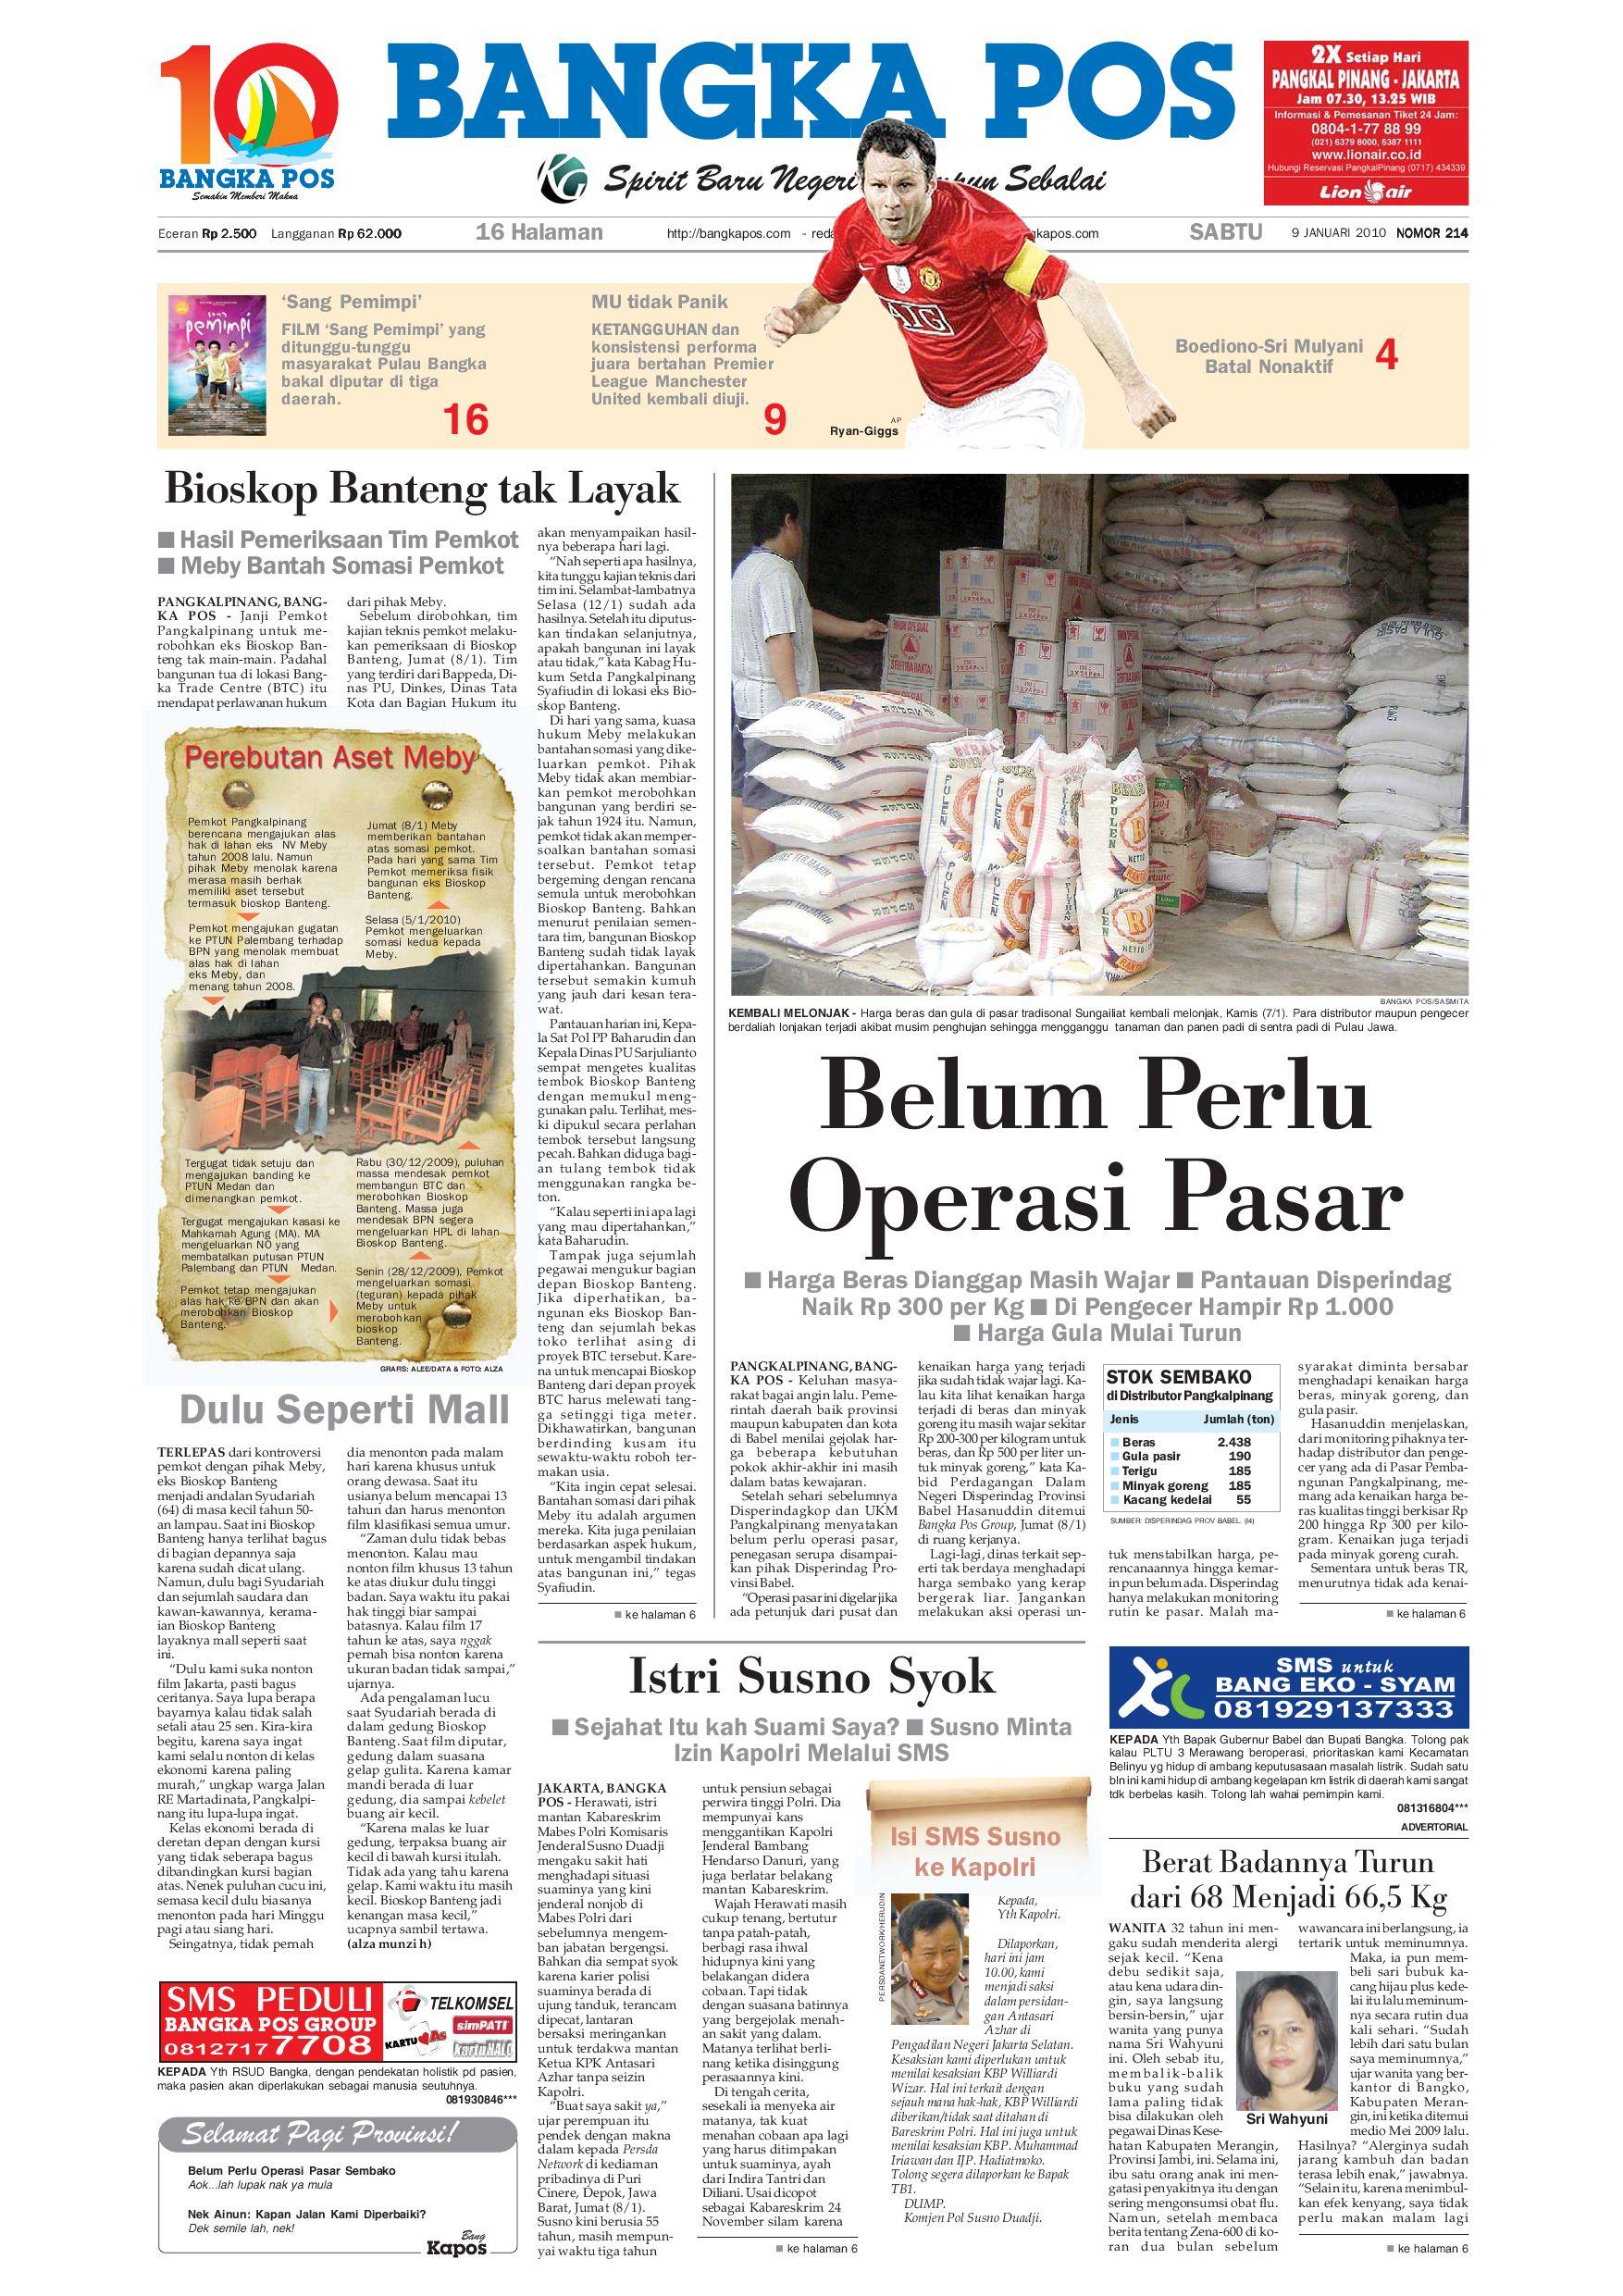 Harian Pagi Bangka Pos Edisi 09 Januari 2010 by bangka pos - issuu f43f3a5187